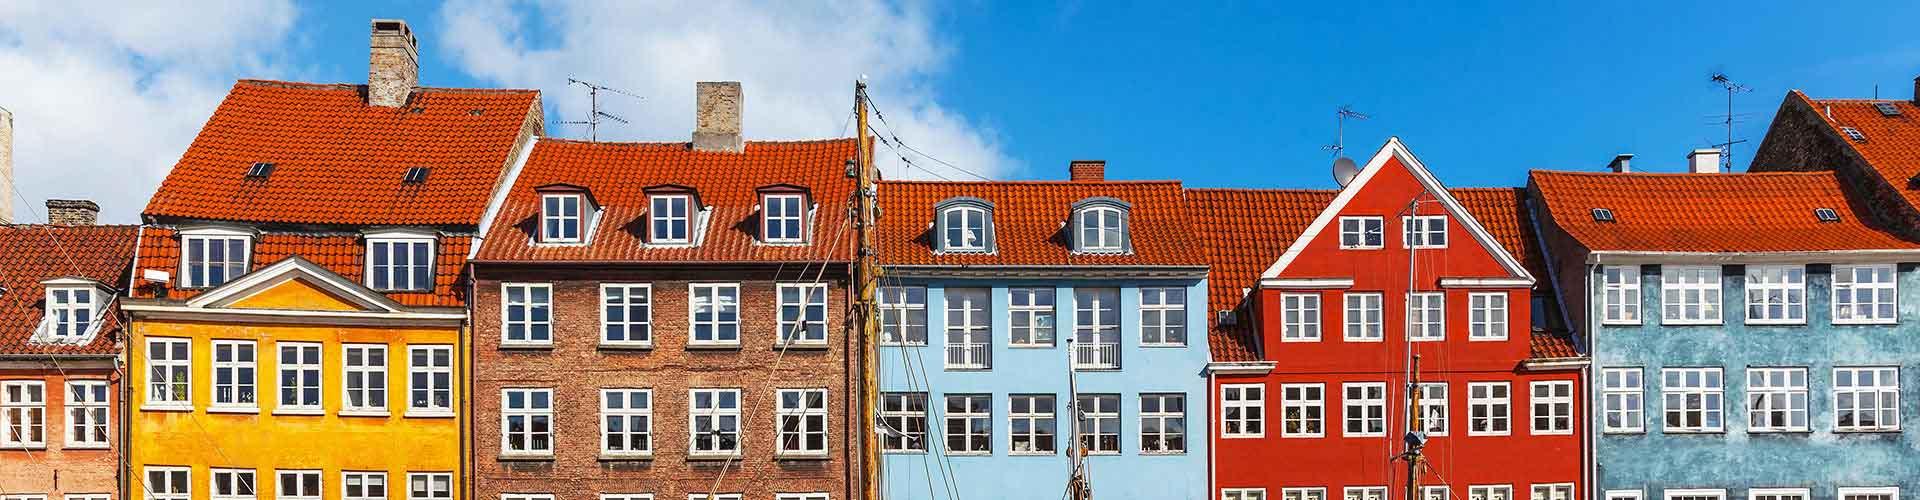 코펜하겐 - 코펜하겐에 있는 호스텔. 코펜하겐의 지도, 코펜하겐에 위치한 호스텔 사진 및 후기 정보.